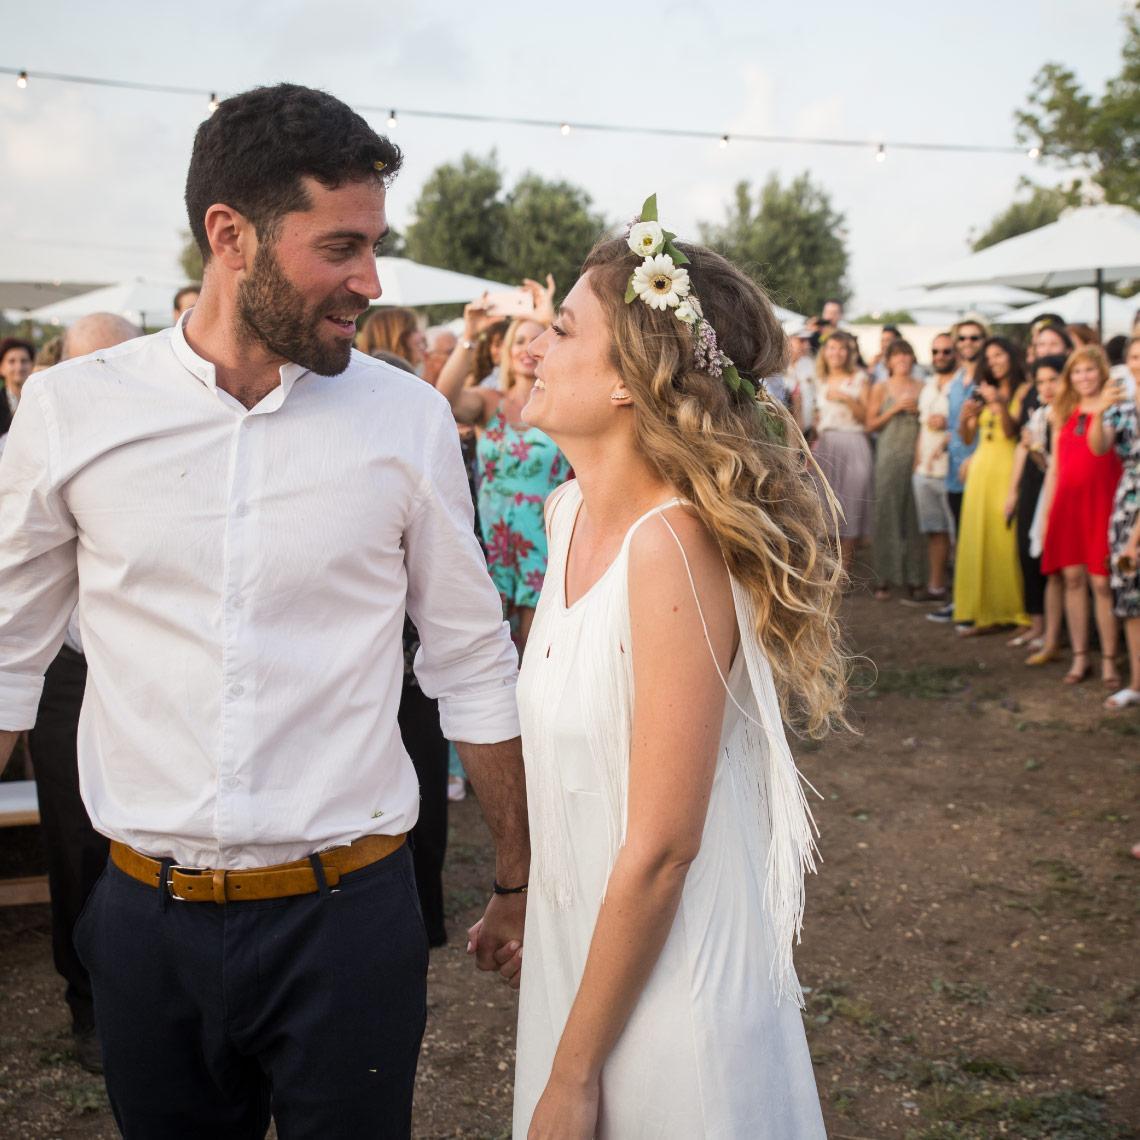 לוקשיין רומנטי לחתונה - מרפסת בטבע